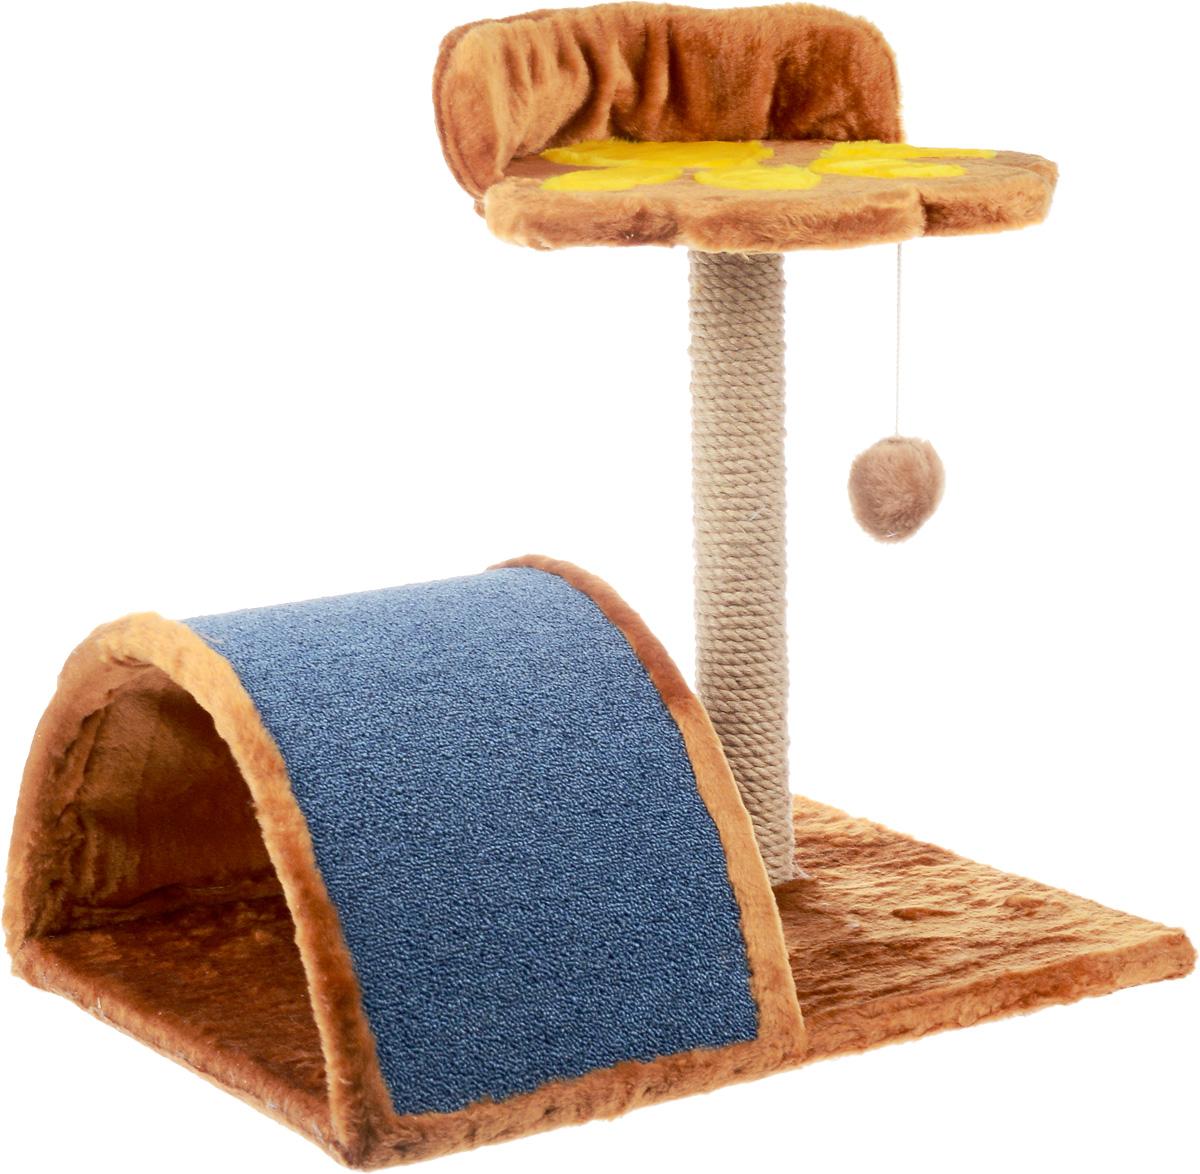 Когтеточка ЗооМарк Лапка, 63 х 47 х 52 см игрушка triol столбик и туннель цвет кремовый коричневый 24 х 21 х 23 см